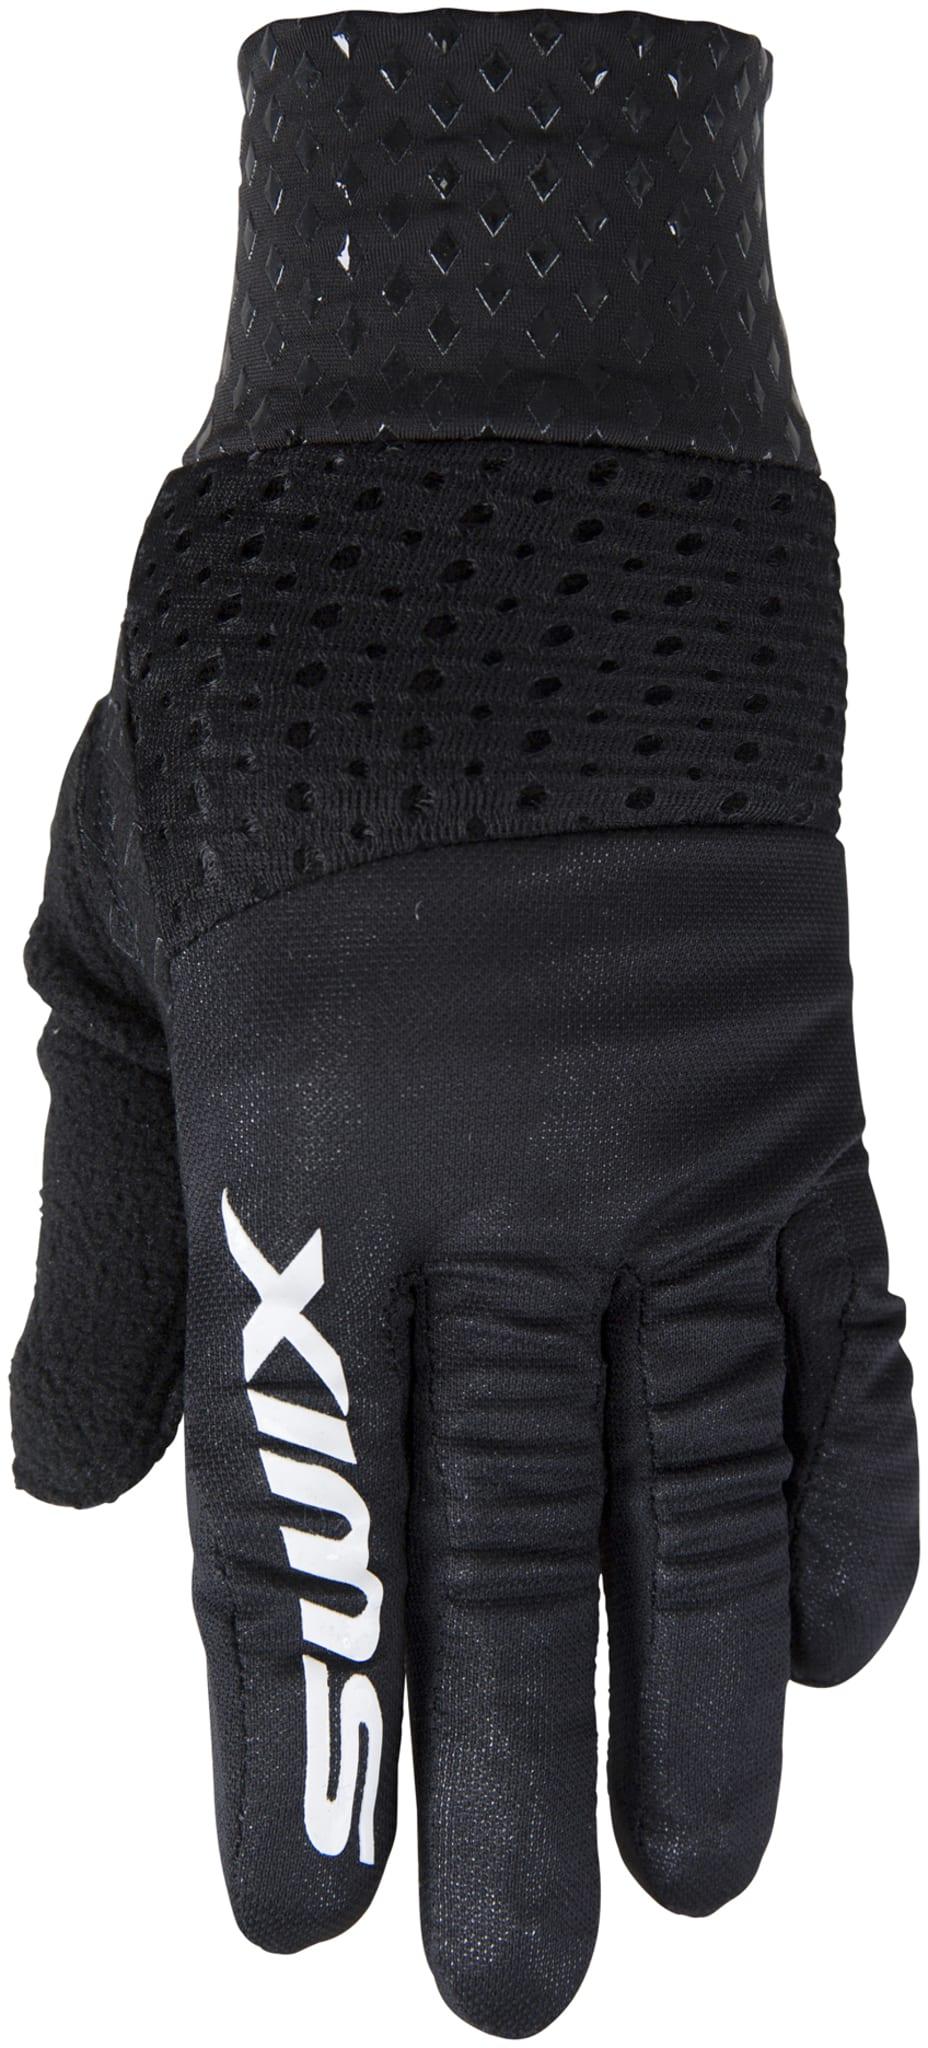 Swix Triac Warm Glove W